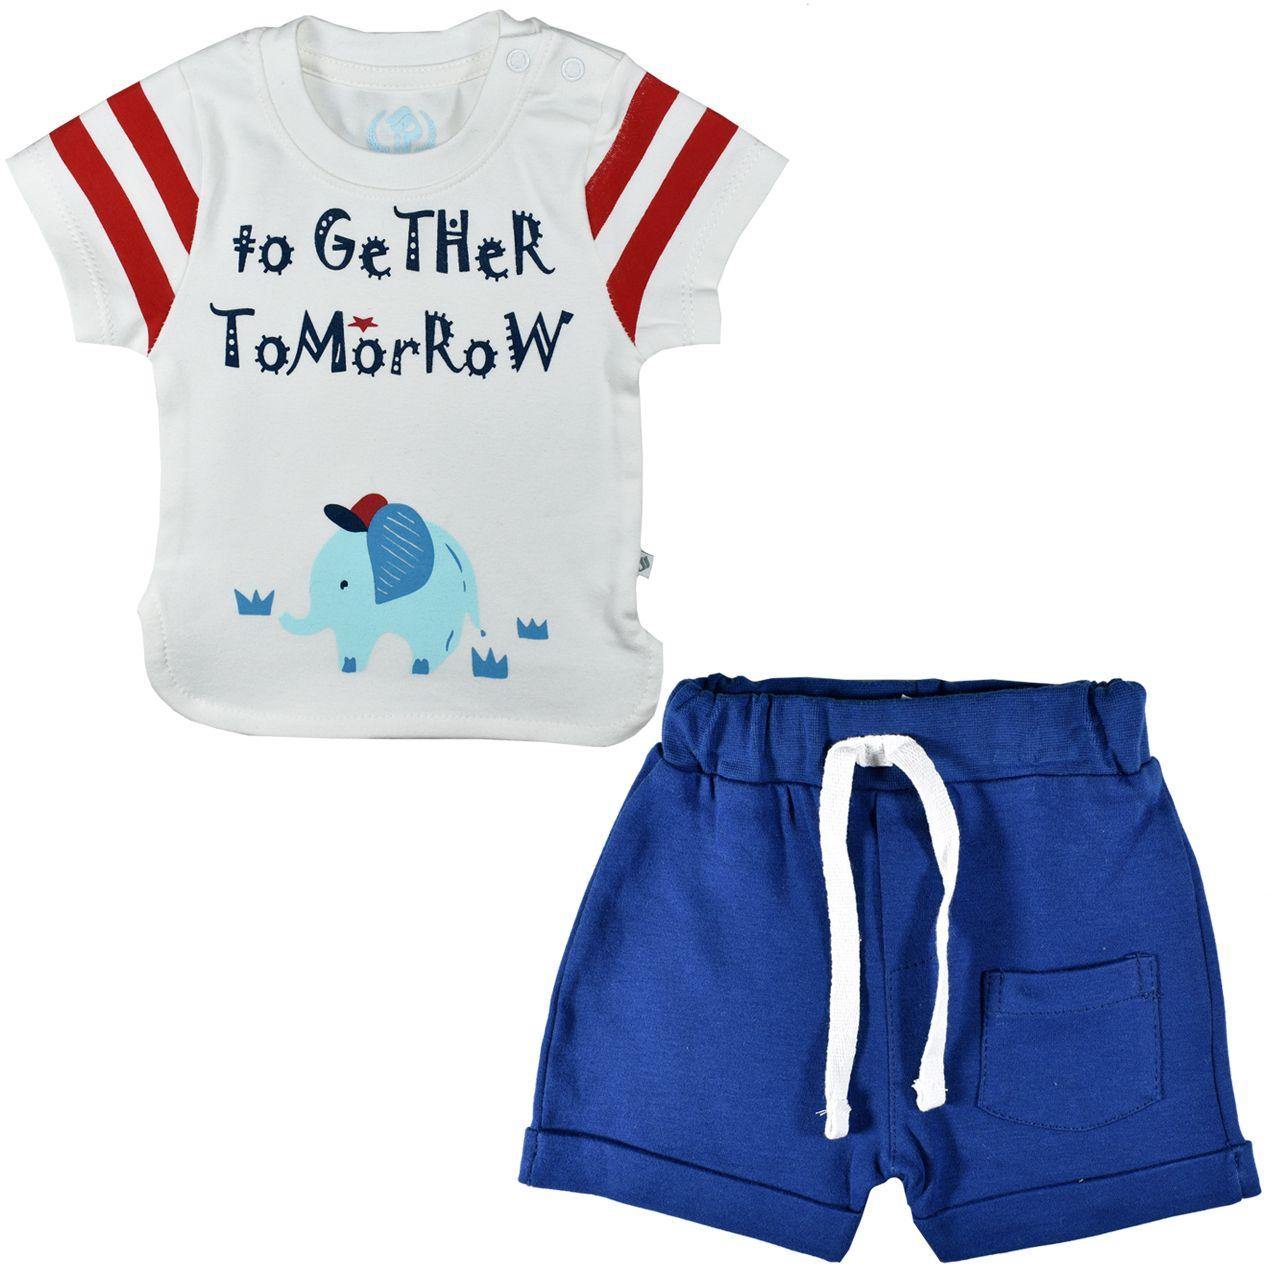 ست تیشرت و شلوارک نوزادی پوشیران کد 5511 -  - 2